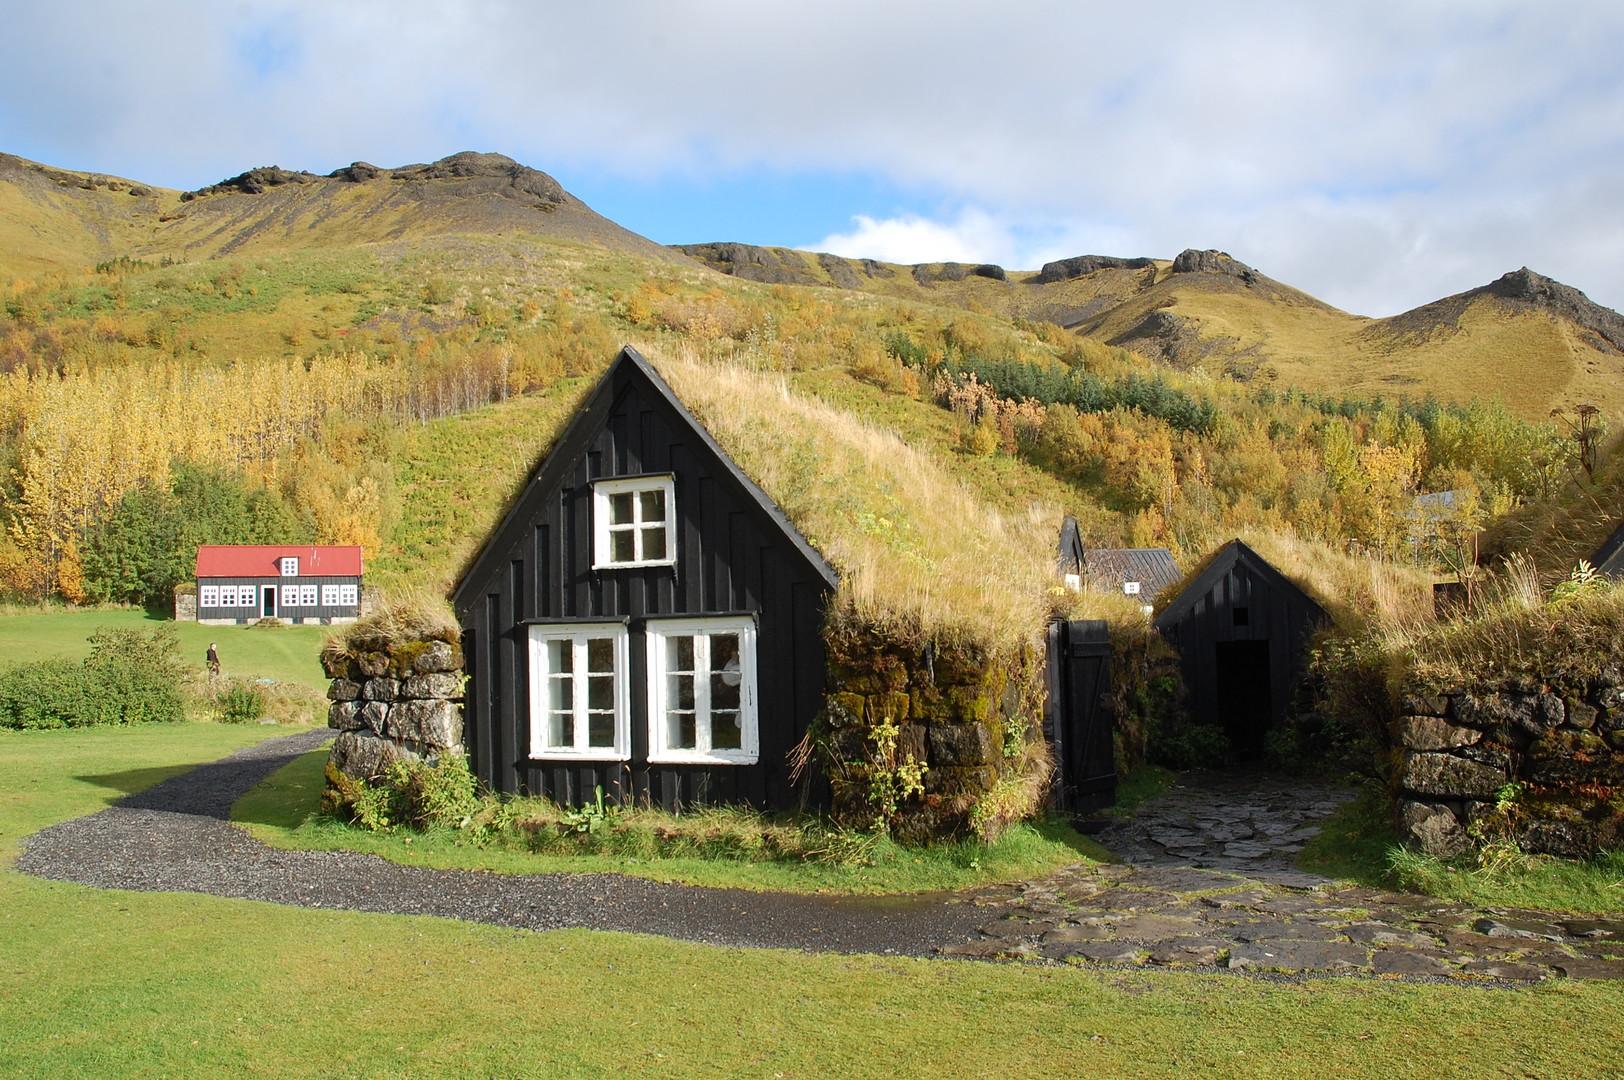 Islandská pohlednice 6 dní #4